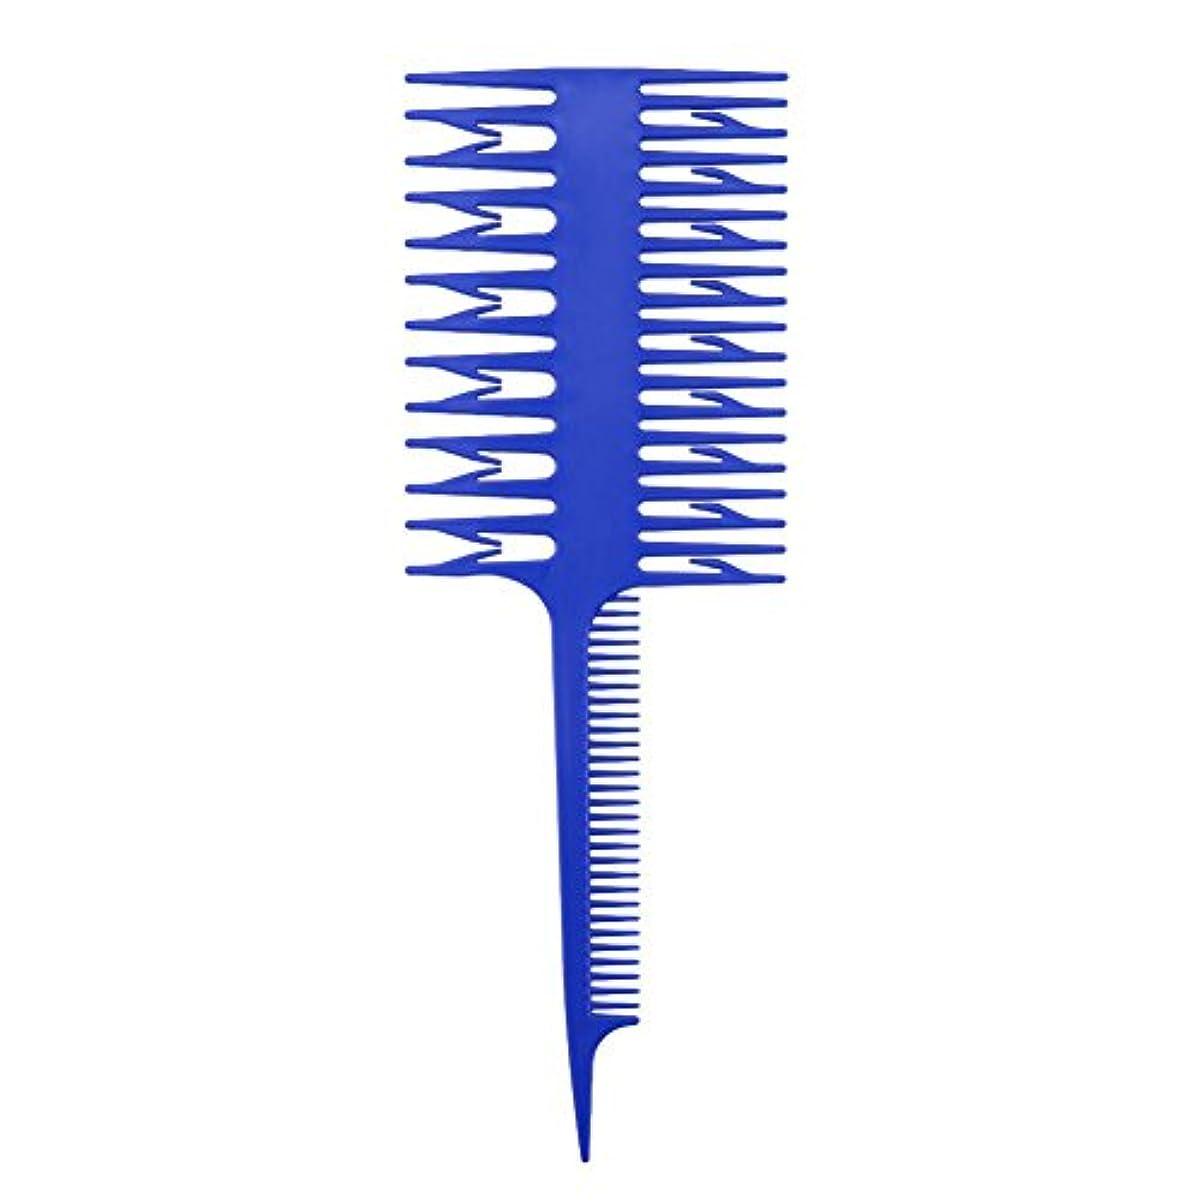 アクション抜け目のない教えDemiawaking 毛染用櫛 ブラシ 白髪染め ブラシ 長髪 短髪 適用 自用毛染めツール 美容室用 プロ 青い